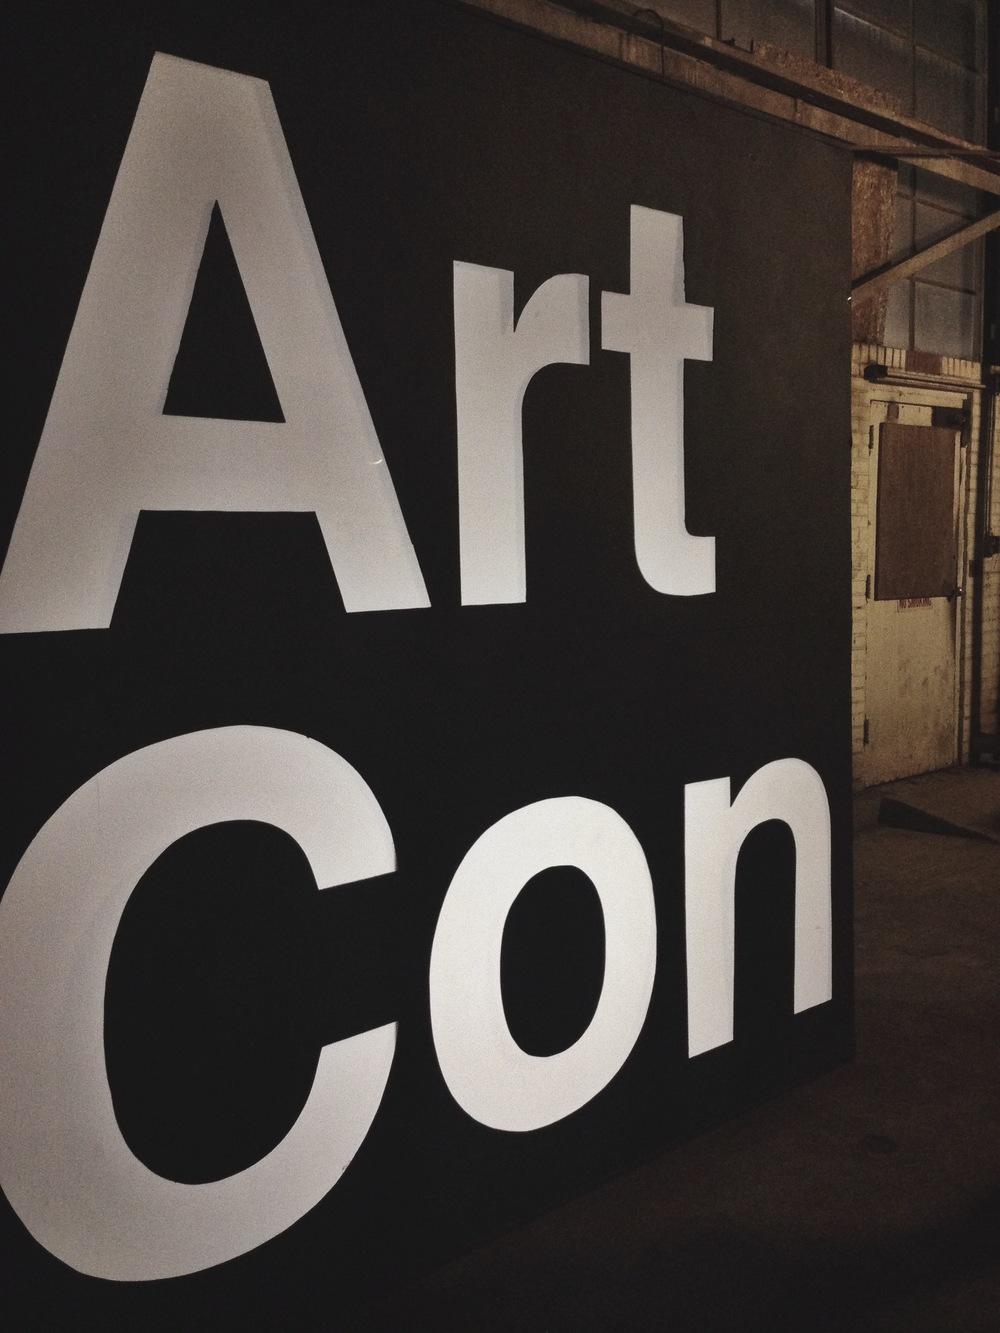 artcon2